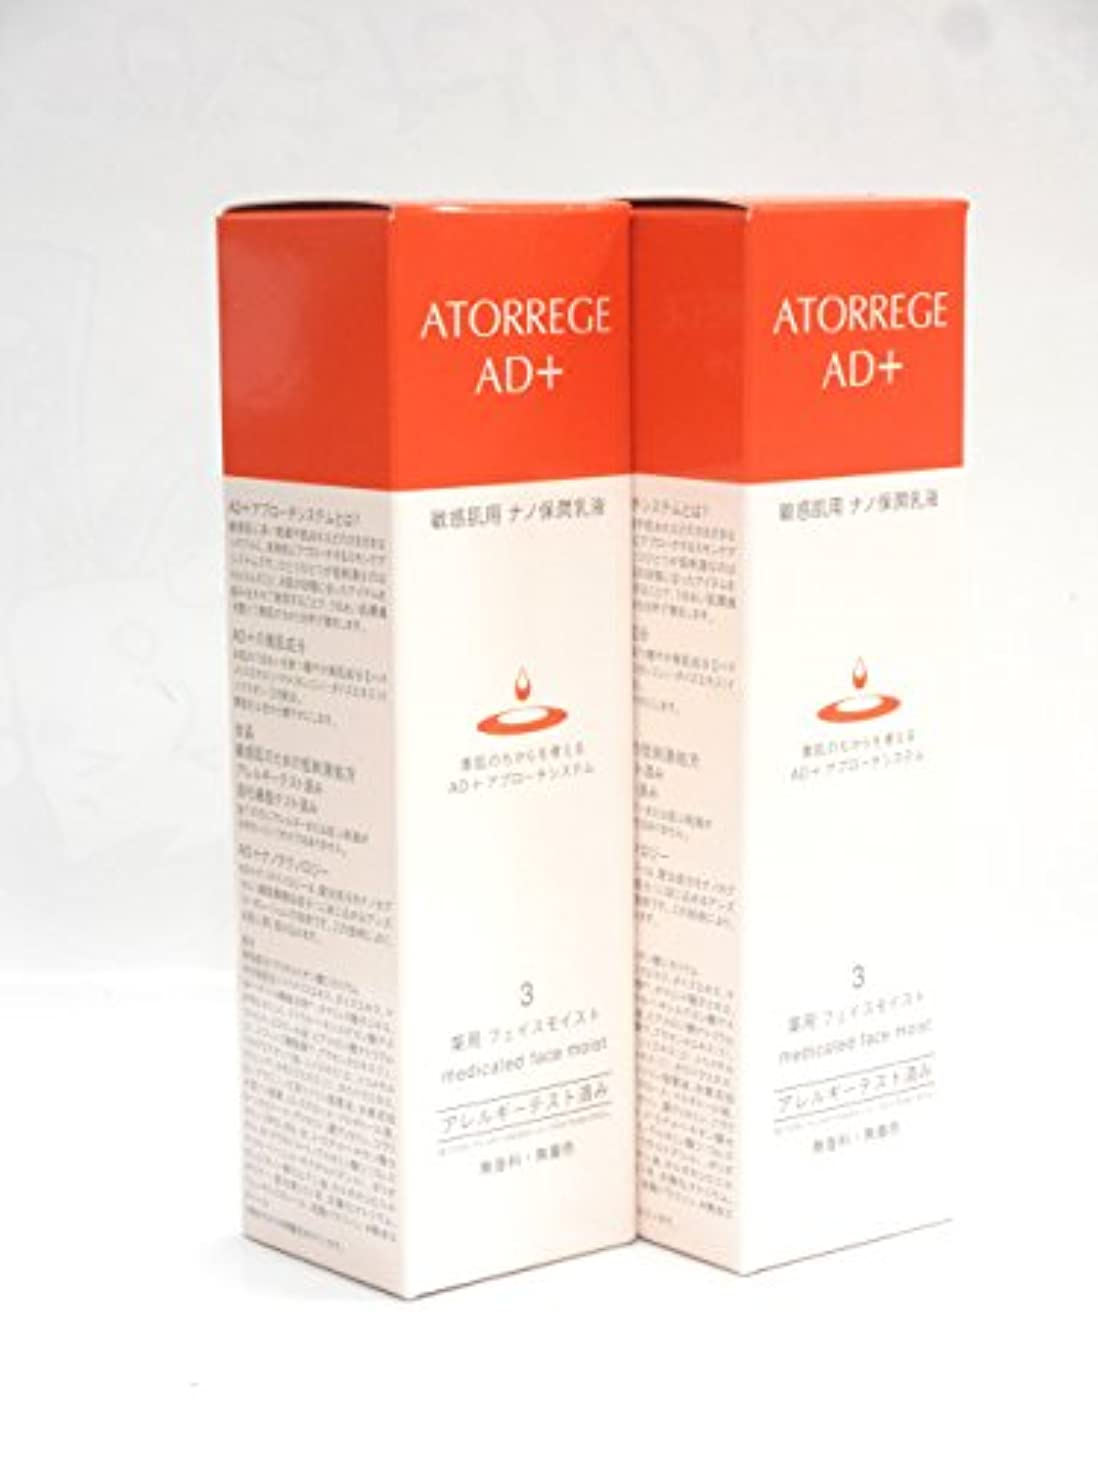 フィットビタミン祝福するアトレージュAD+薬用フェイスモイスト80mL×2 5357